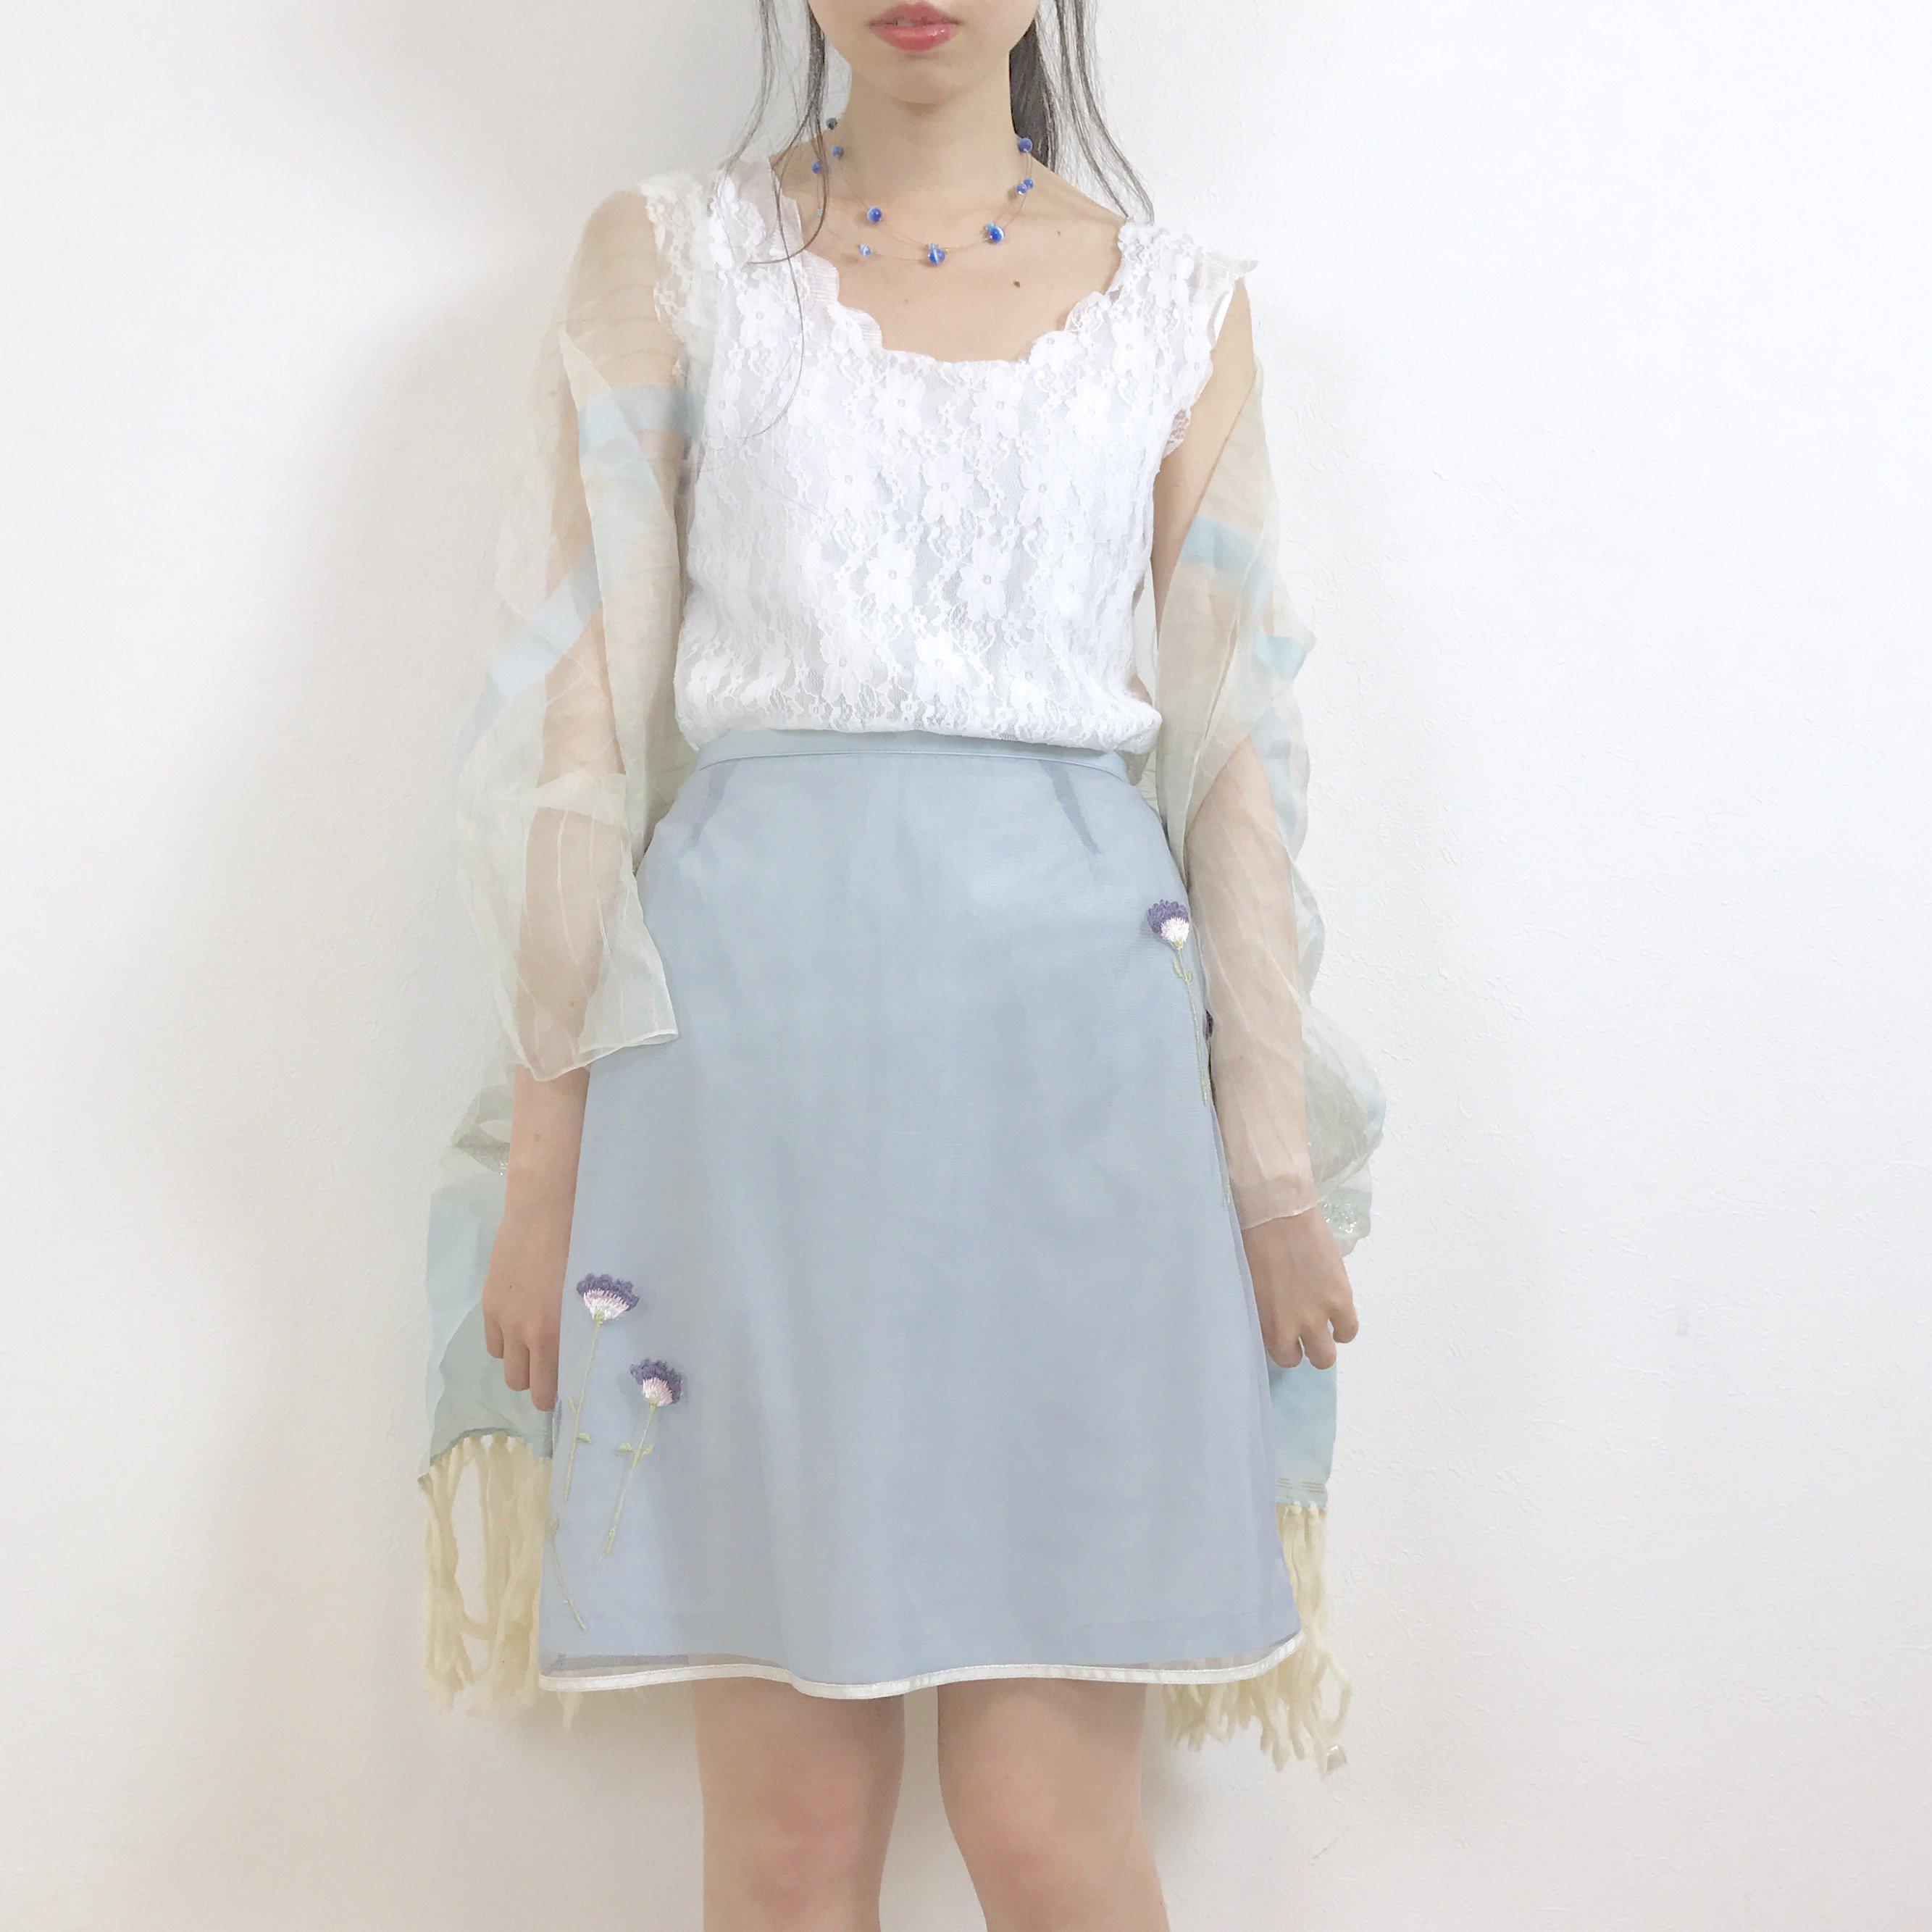 押し花刺繍のチュールミニスカート